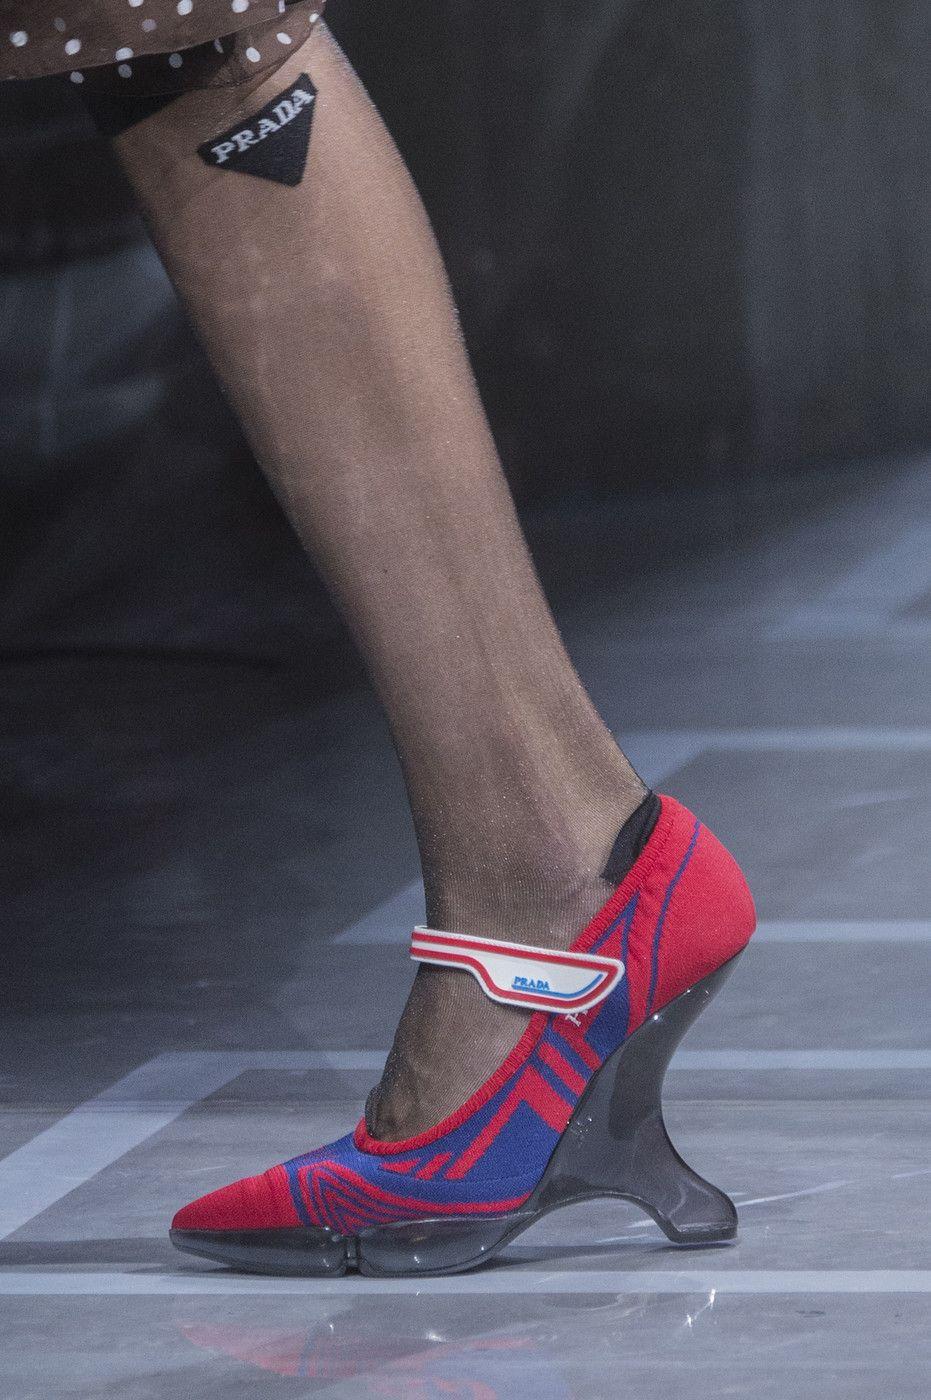 002a62afecf9 Prada at Milan Fashion Week Spring 2019 in 2019 | Shoes with great ...